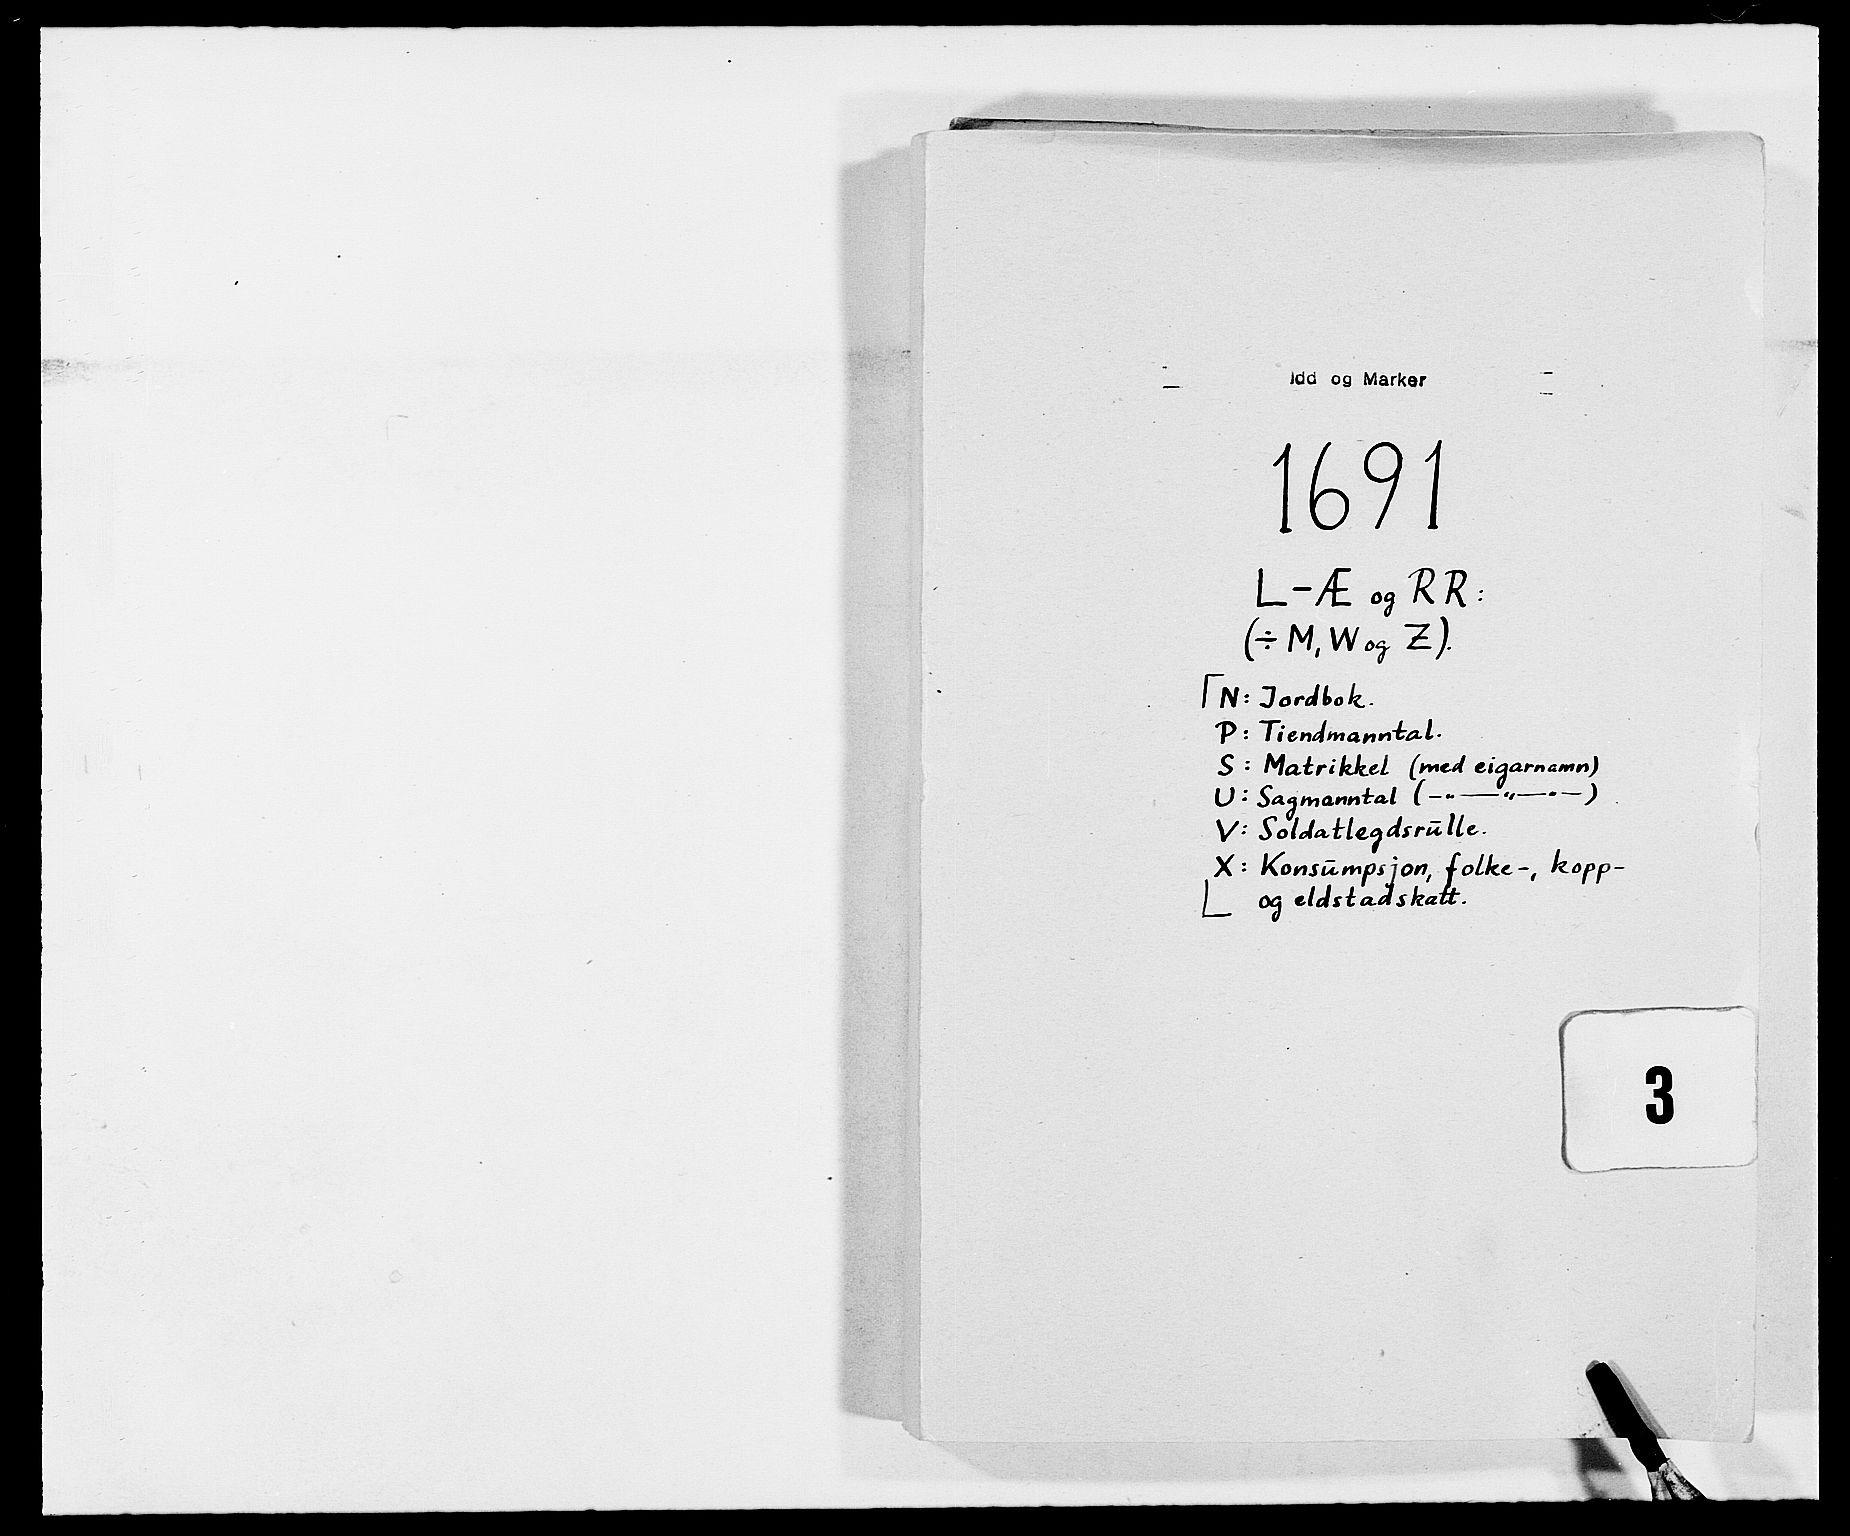 RA, Rentekammeret inntil 1814, Reviderte regnskaper, Fogderegnskap, R01/L0010: Fogderegnskap Idd og Marker, 1690-1691, s. 294